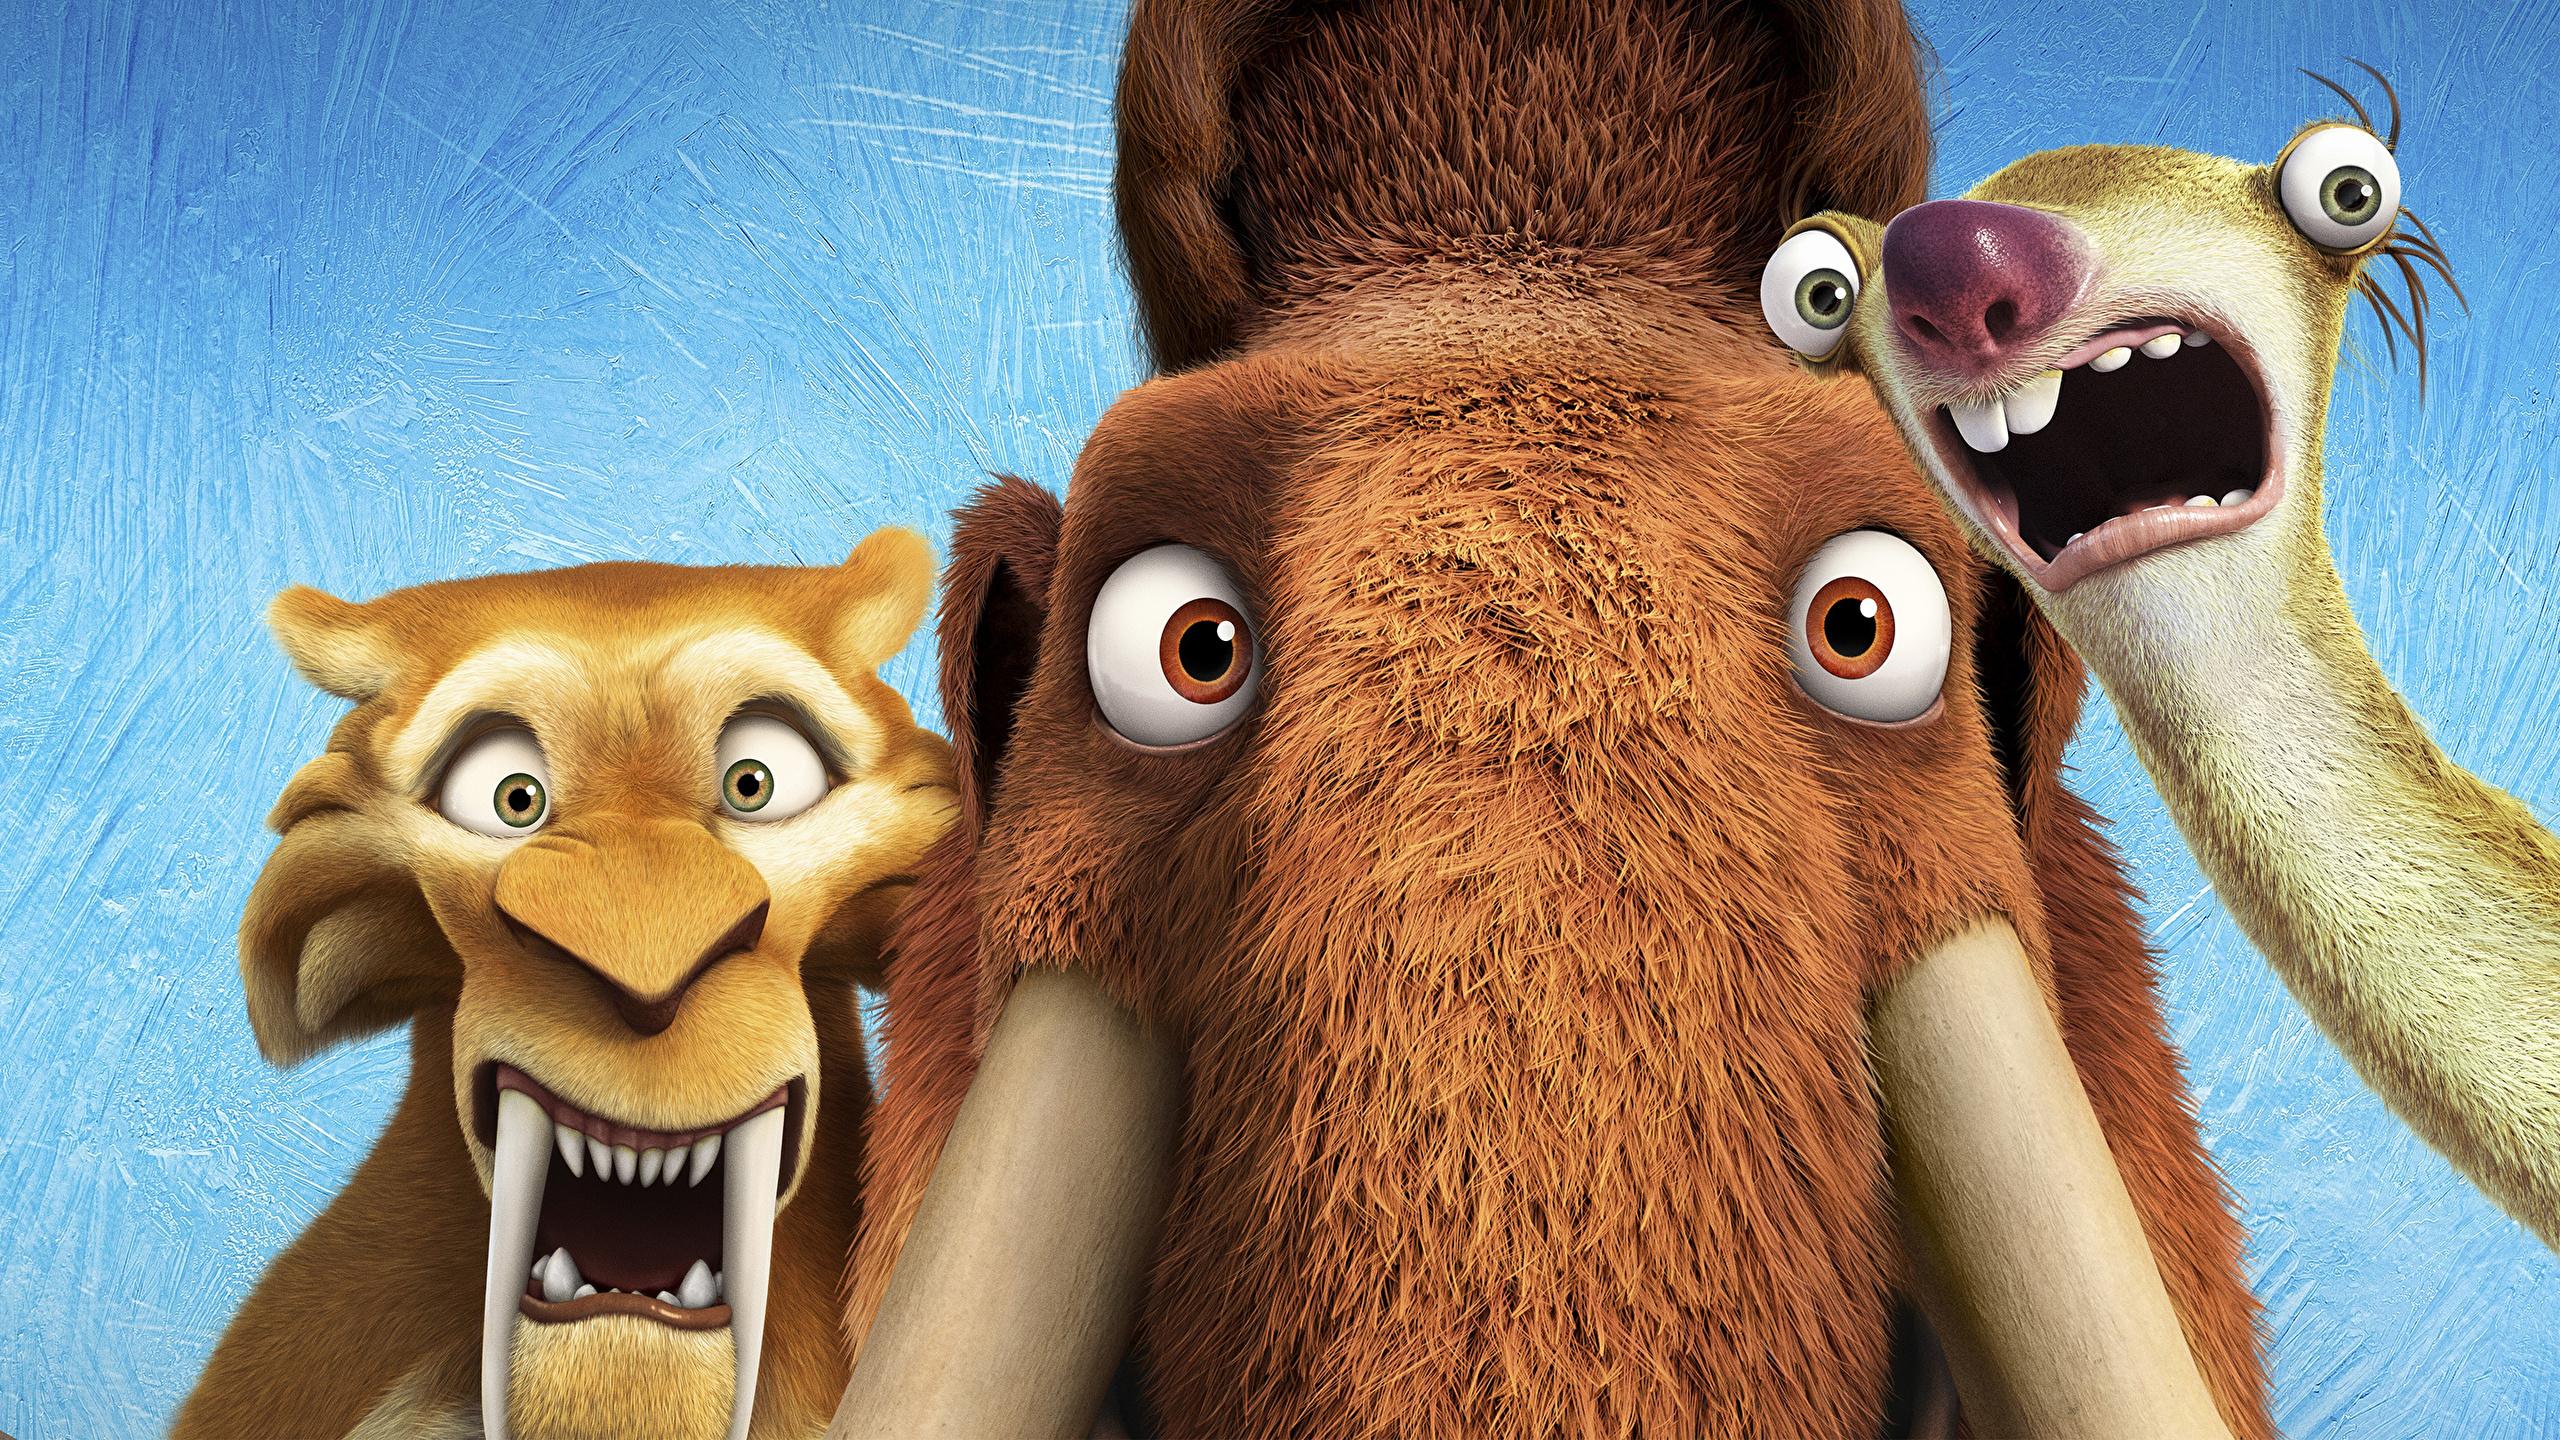 Hintergrundbilder Ice Age – Kollision voraus! Mammute Diego, Manny, Sid Animationsfilm 2560x1440 Zeichentrickfilm